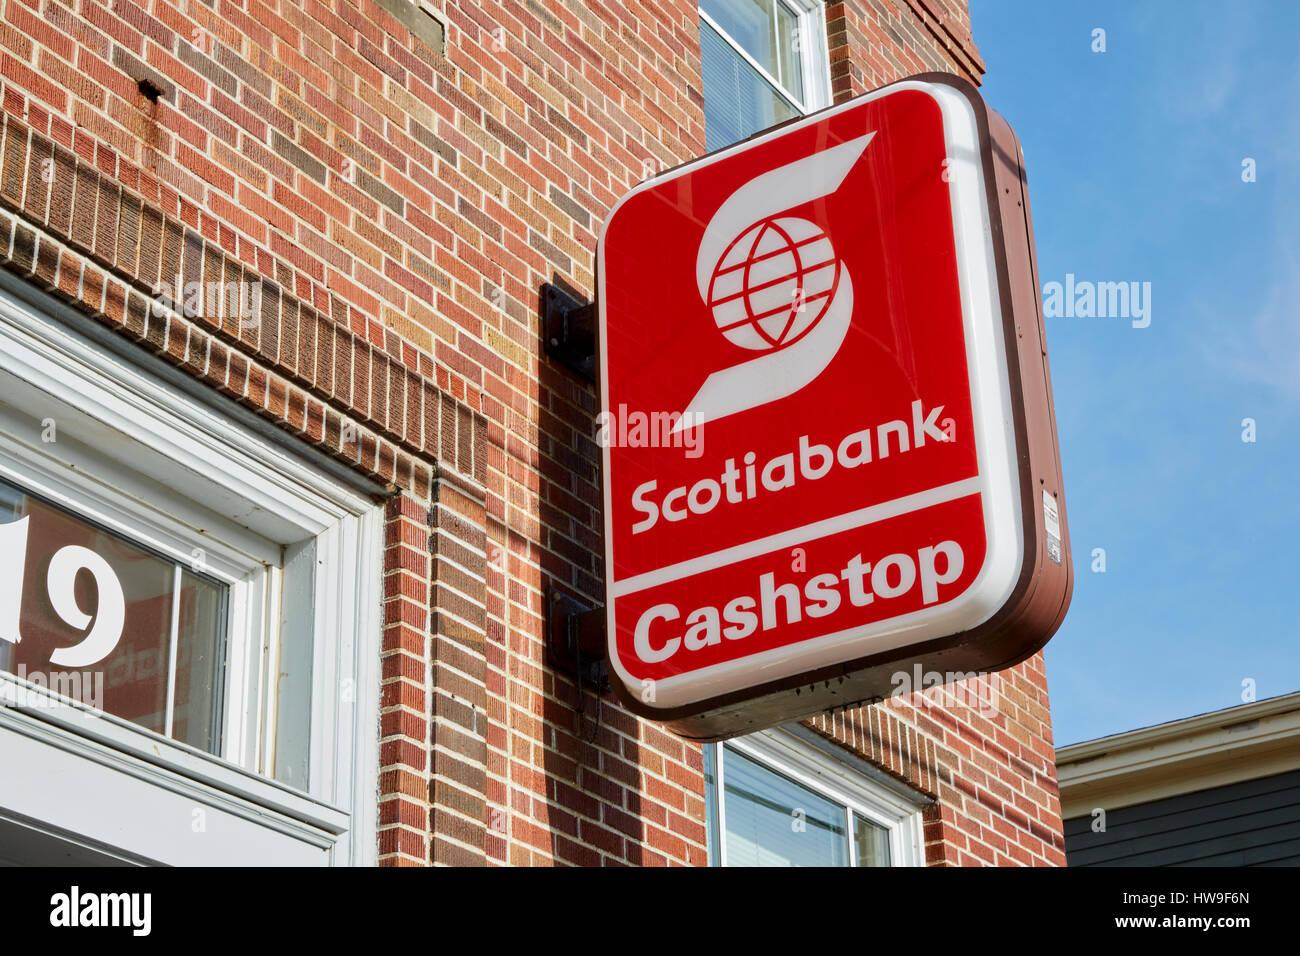 Scotiabank, Scotia Bank, cashstop sign, Annapolis Royal